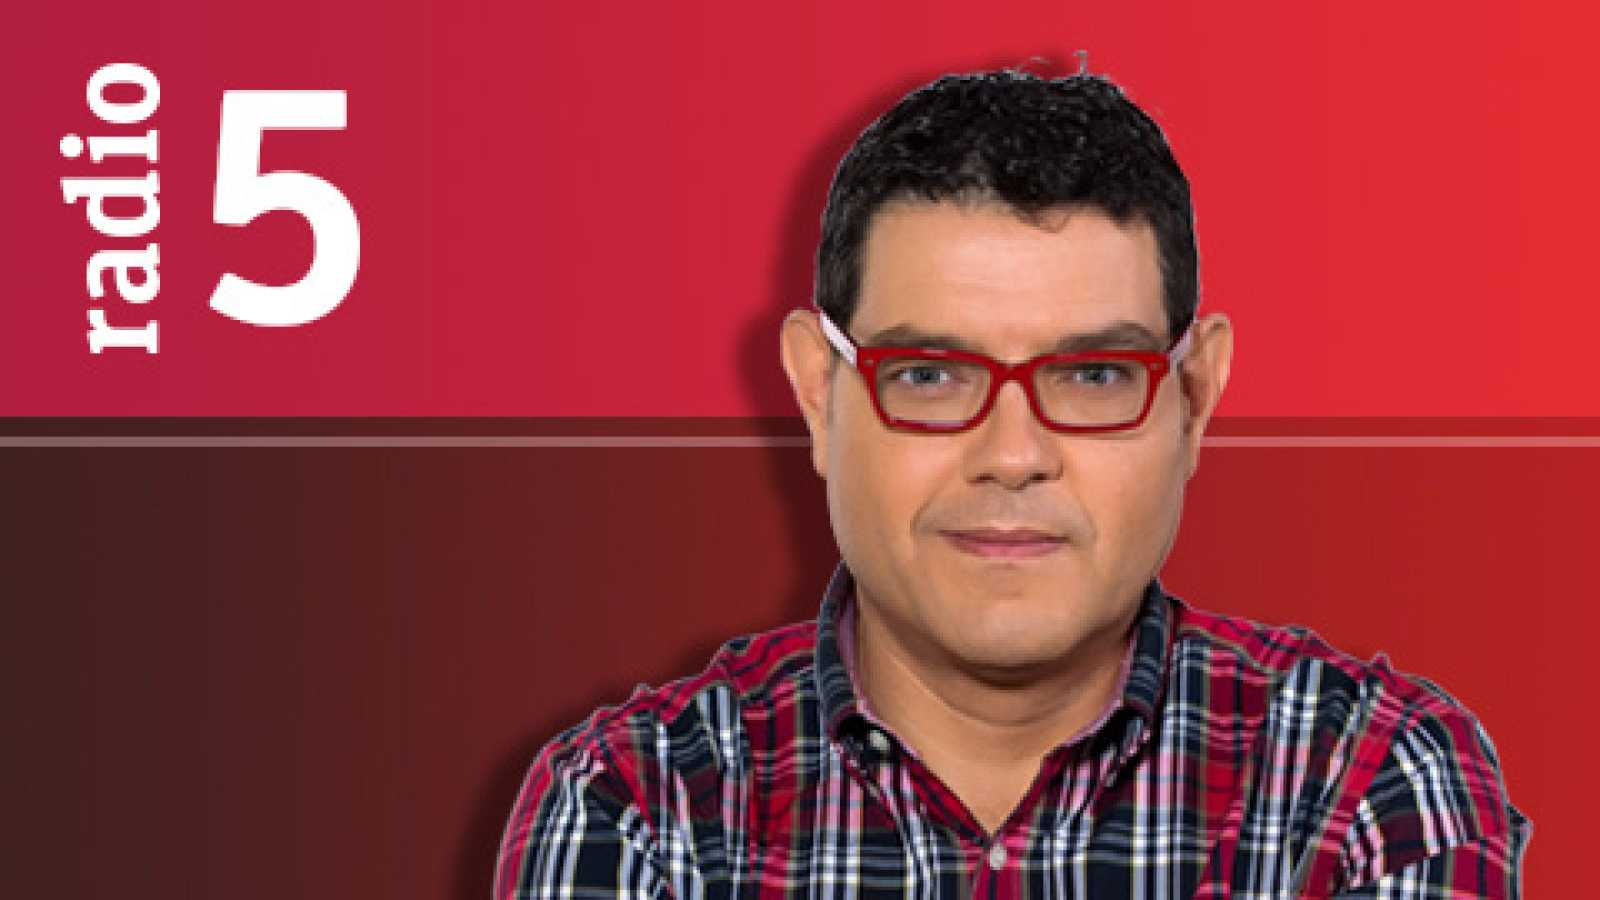 La entrevista de Radio 5 - Alejandro Herrero Manrique - 15/12/20  - Escuchar ahora